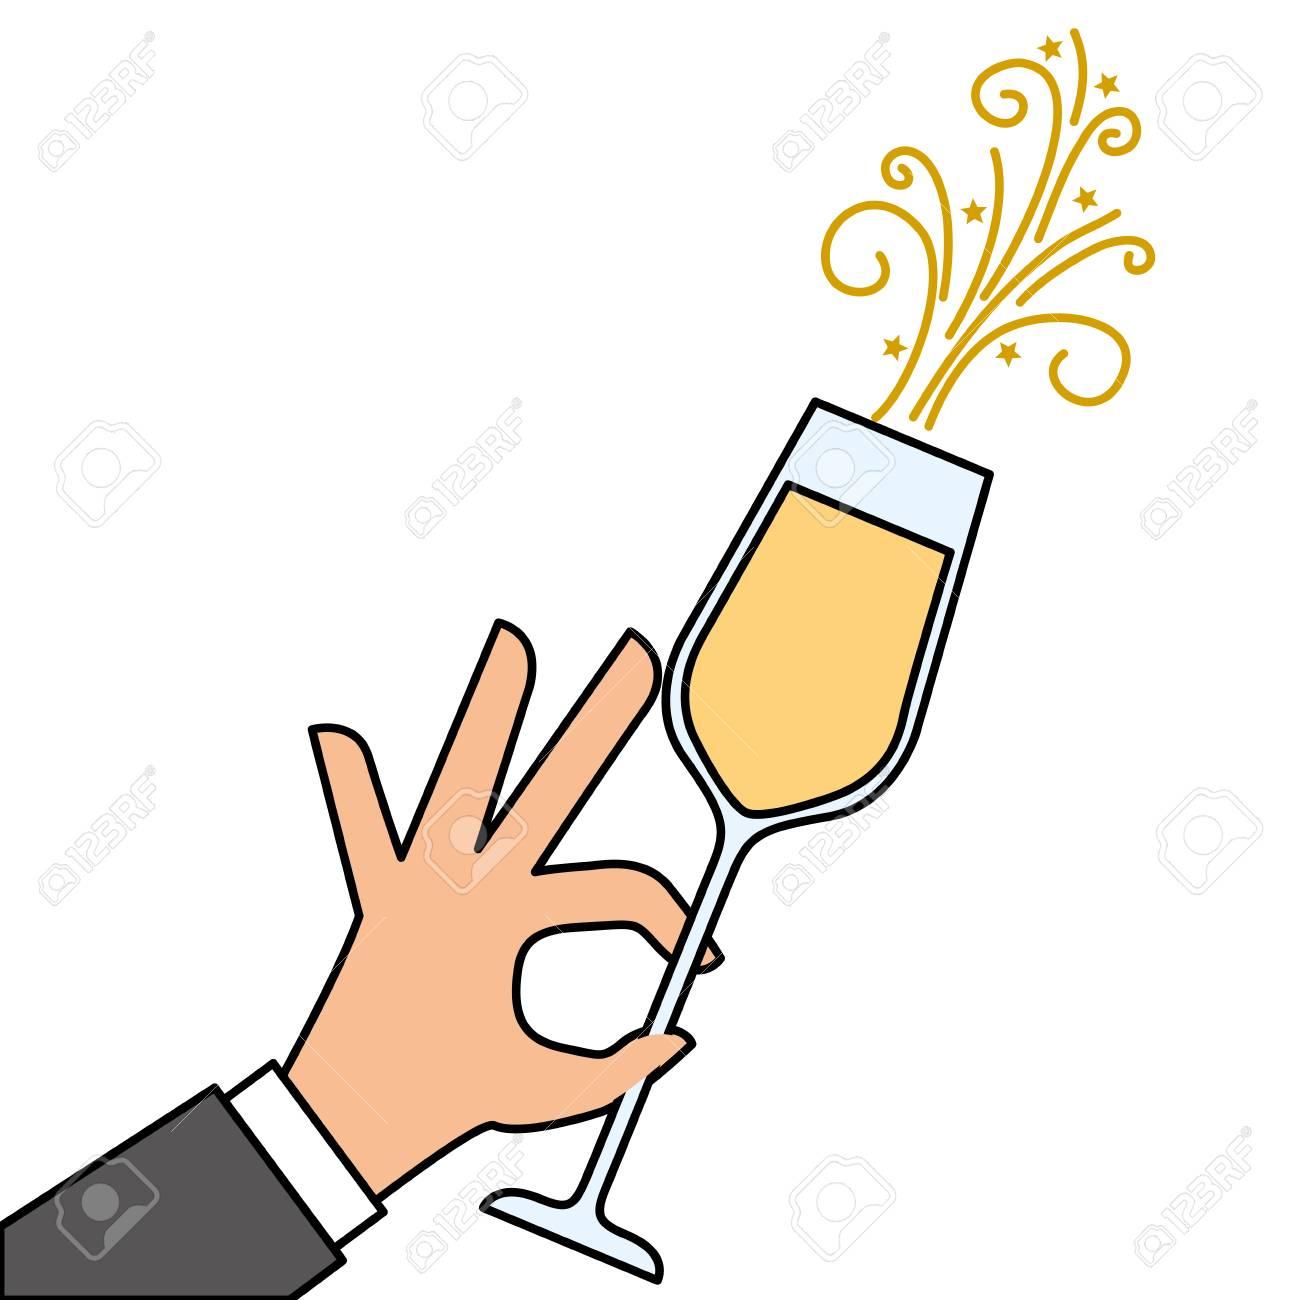 お祝いベクトル イラスト乾杯シャンパン グラスを持っている手しますの